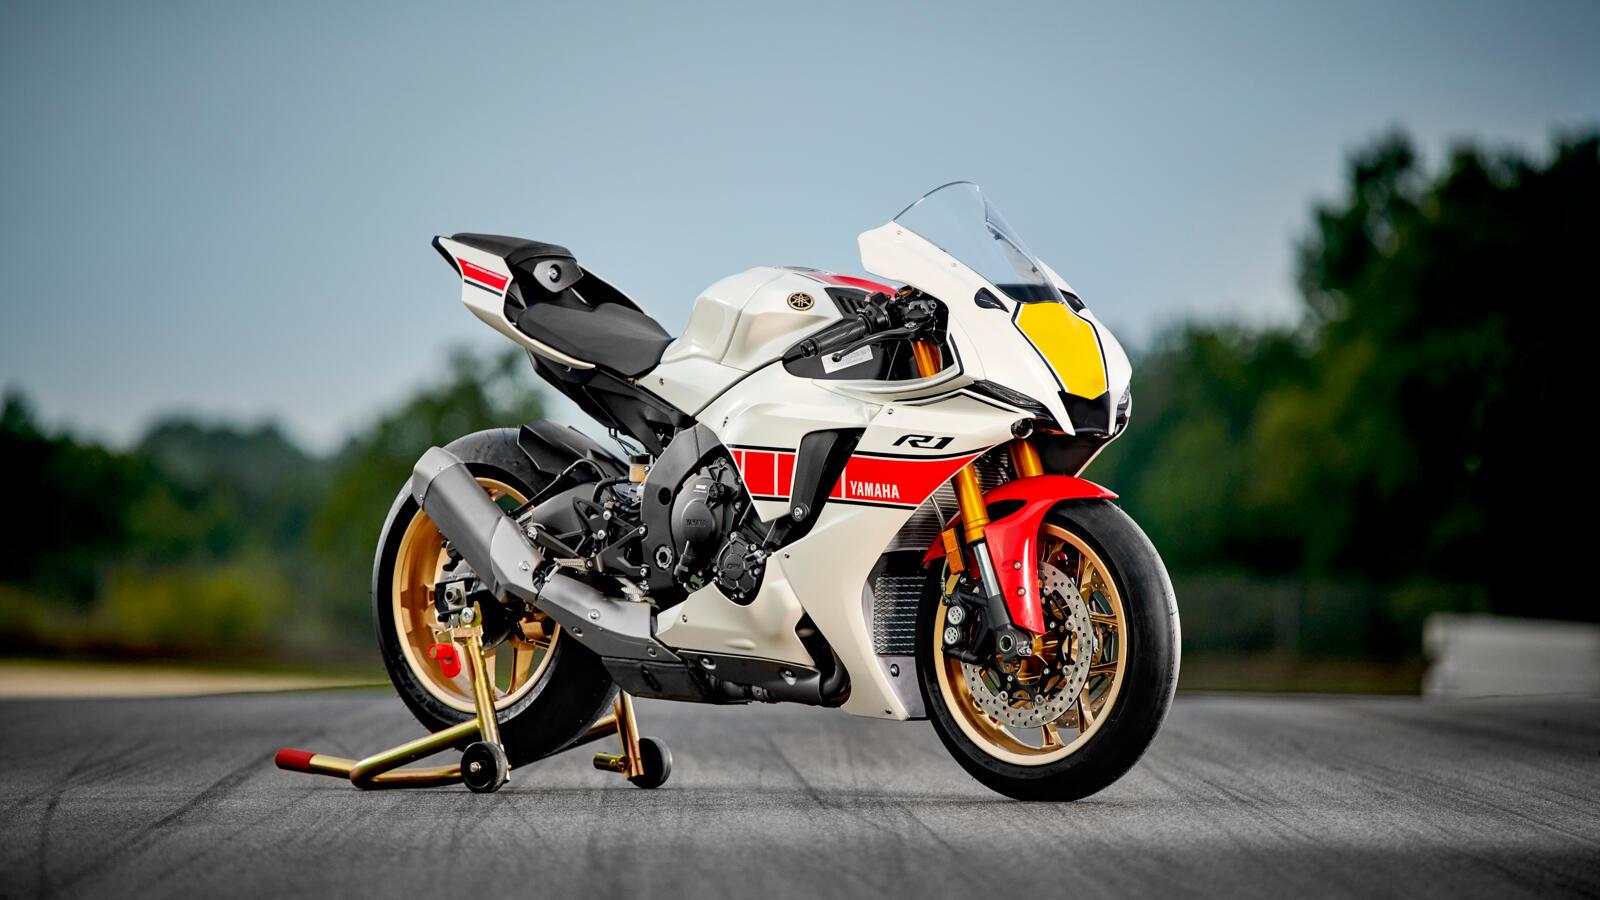 Die Yamaha R1 holt 200 PS aus dem 998 ccm Crossplane Reihenvierzylinder Motor